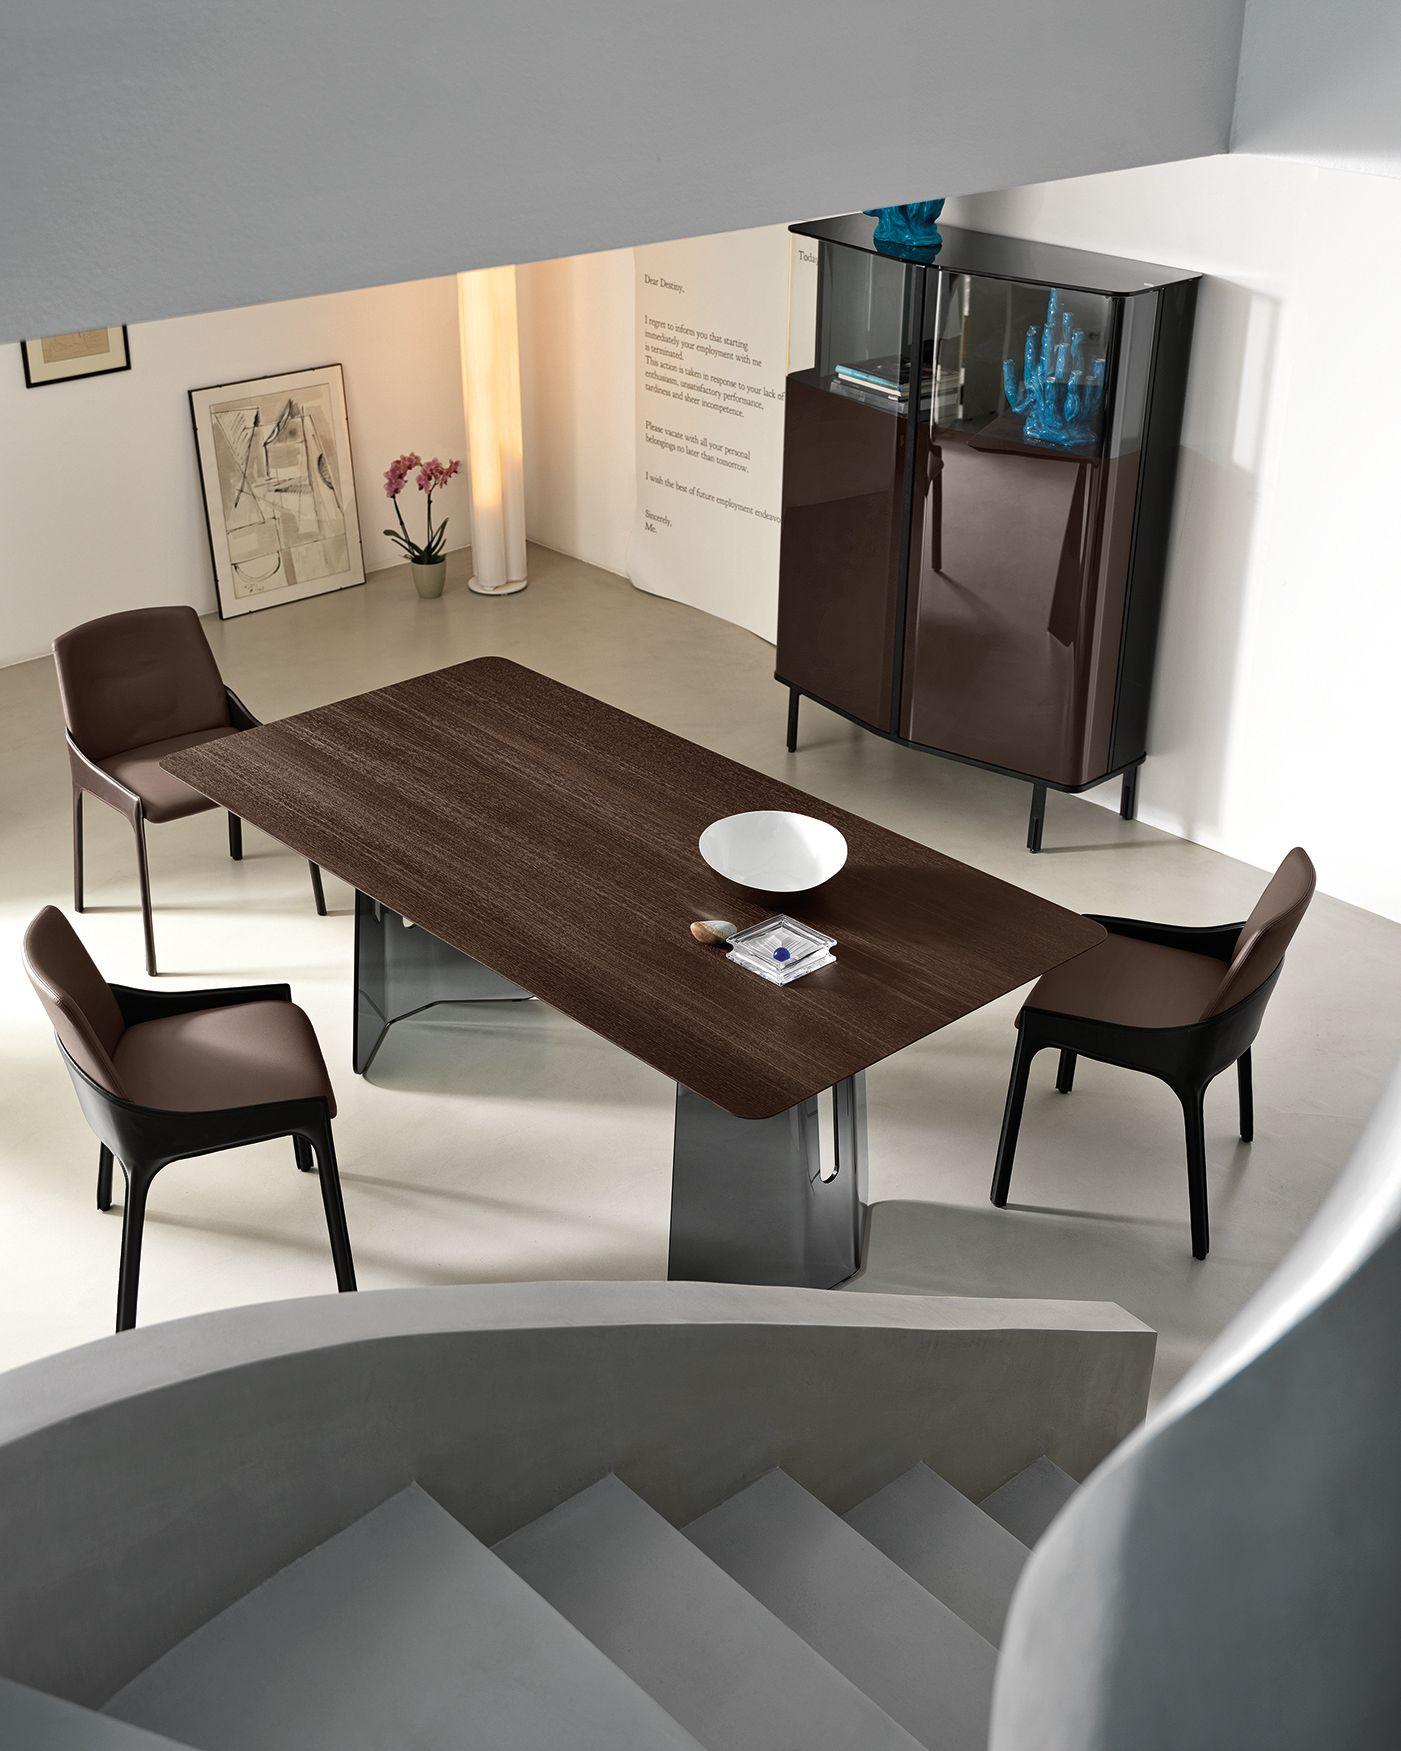 Pliè table by fiamitalia designed by studio klass fiamitalia studioklass table tavolo furniture design interiordesign homedecor arredamento